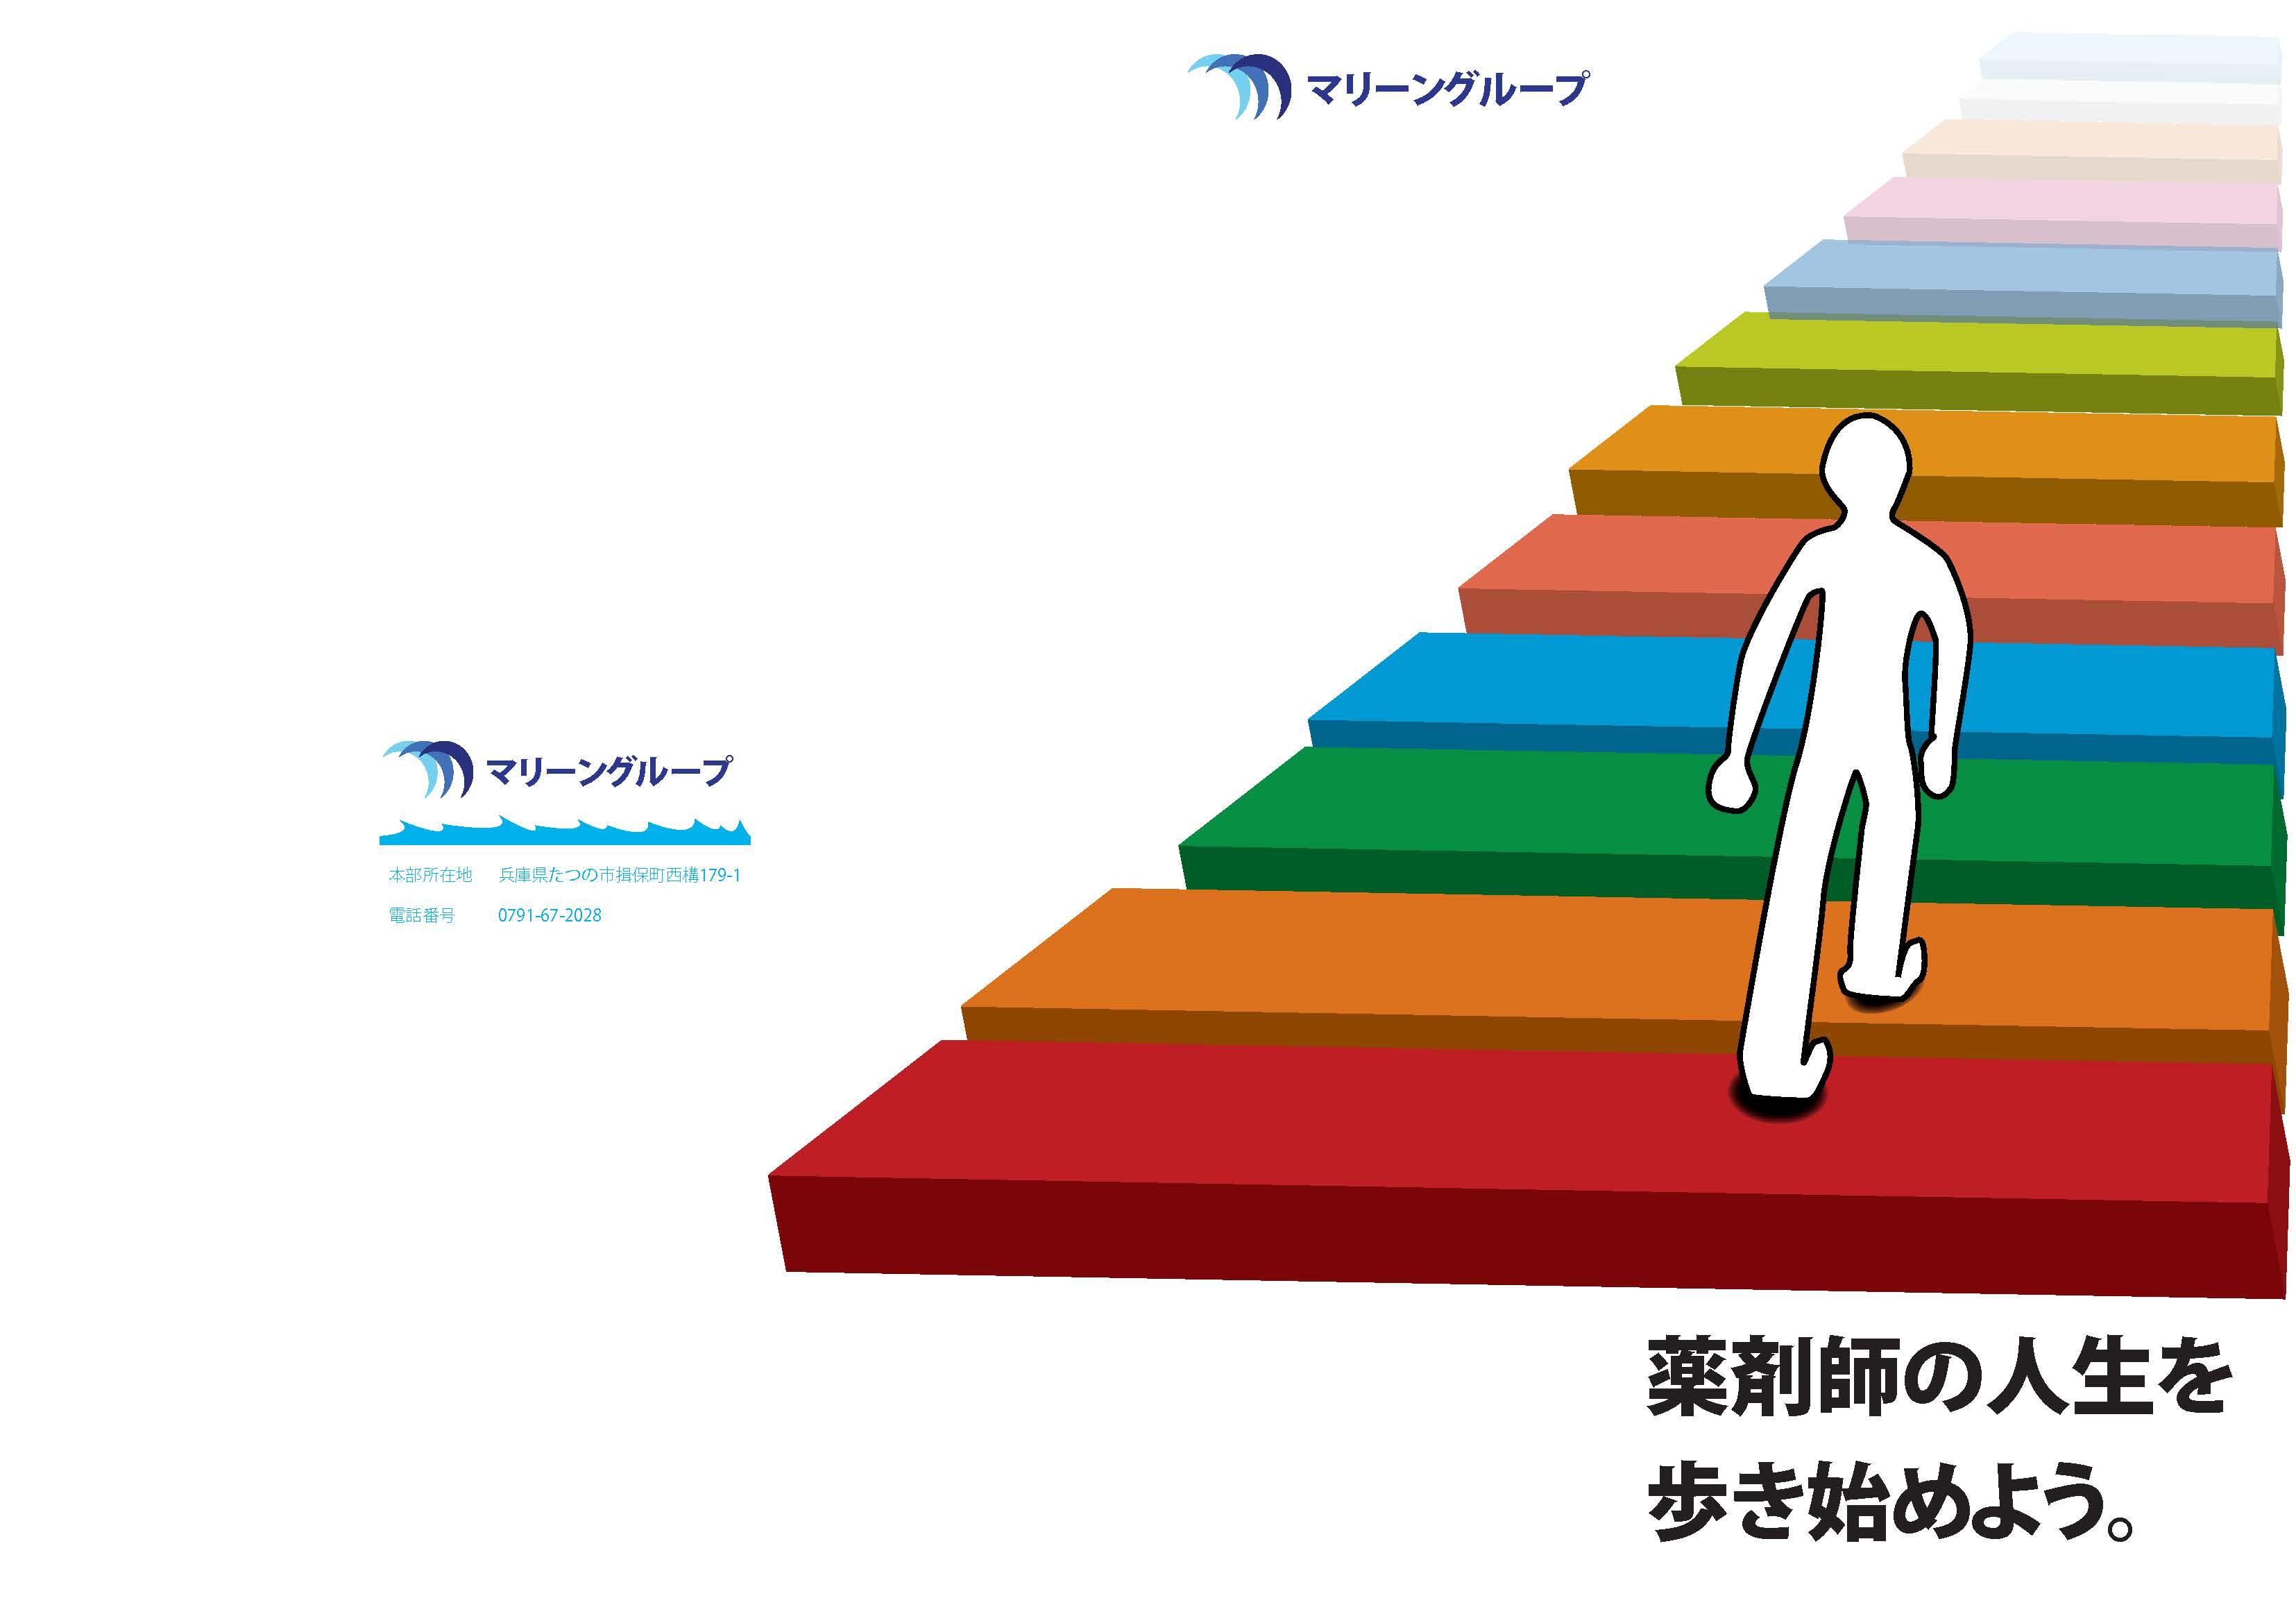 マリーングループ御中_パンフレットデザイン_20150126_ページ_1